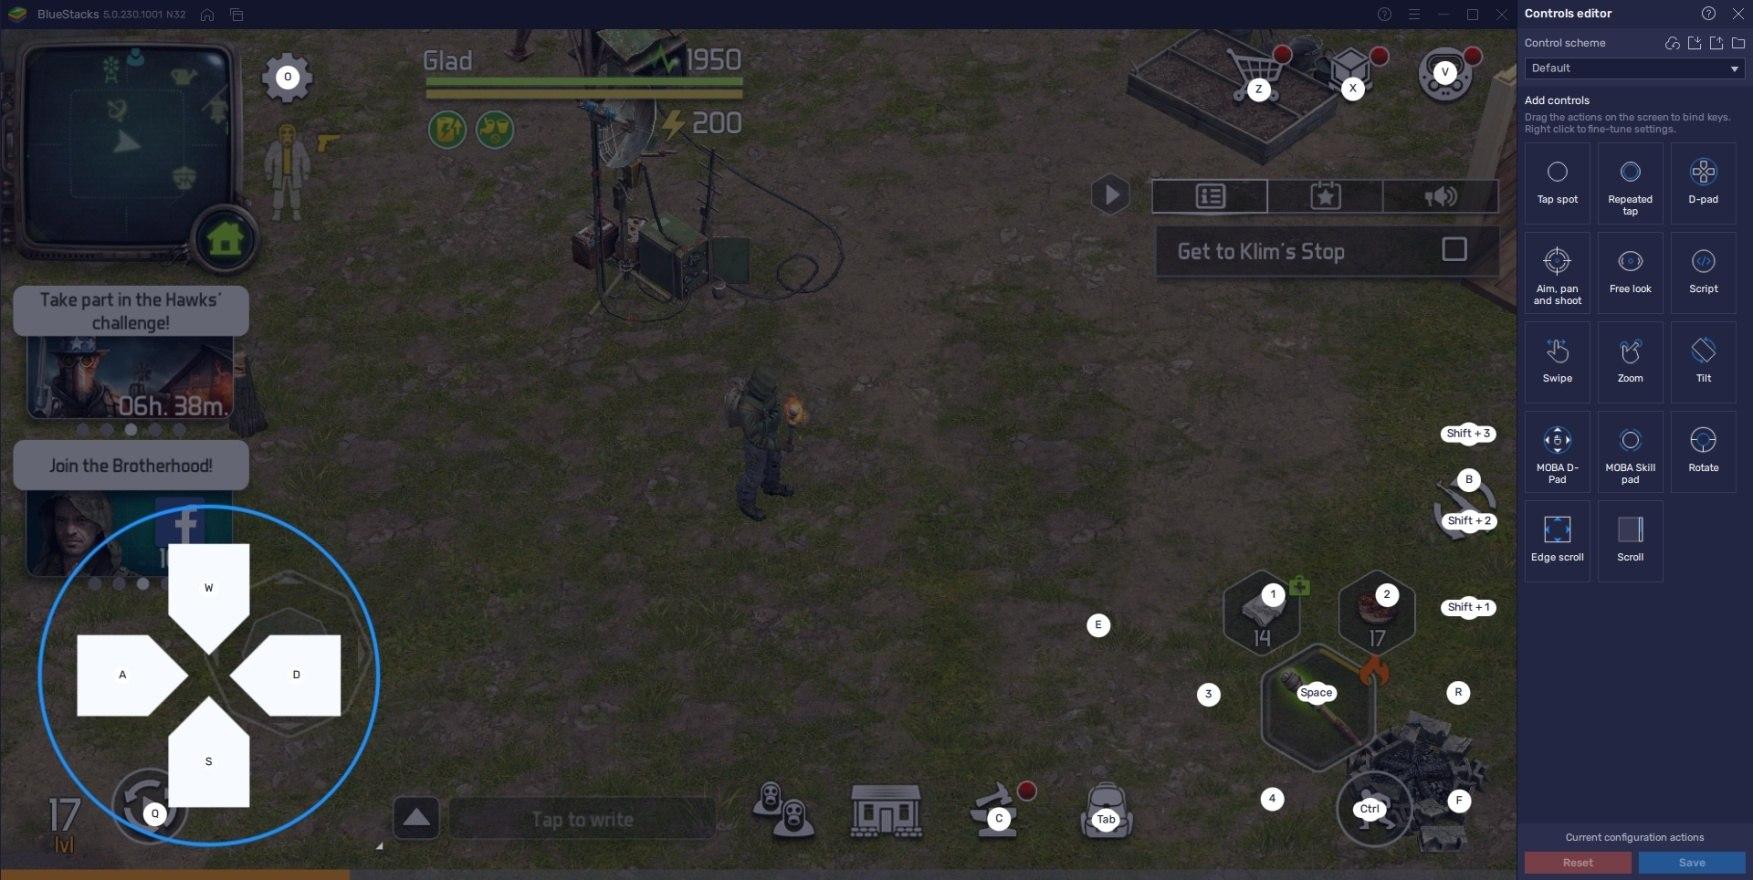 كيف تلعب Dawn of Zombies على جهاز الكمبيوتر باستخدام BlueStacks